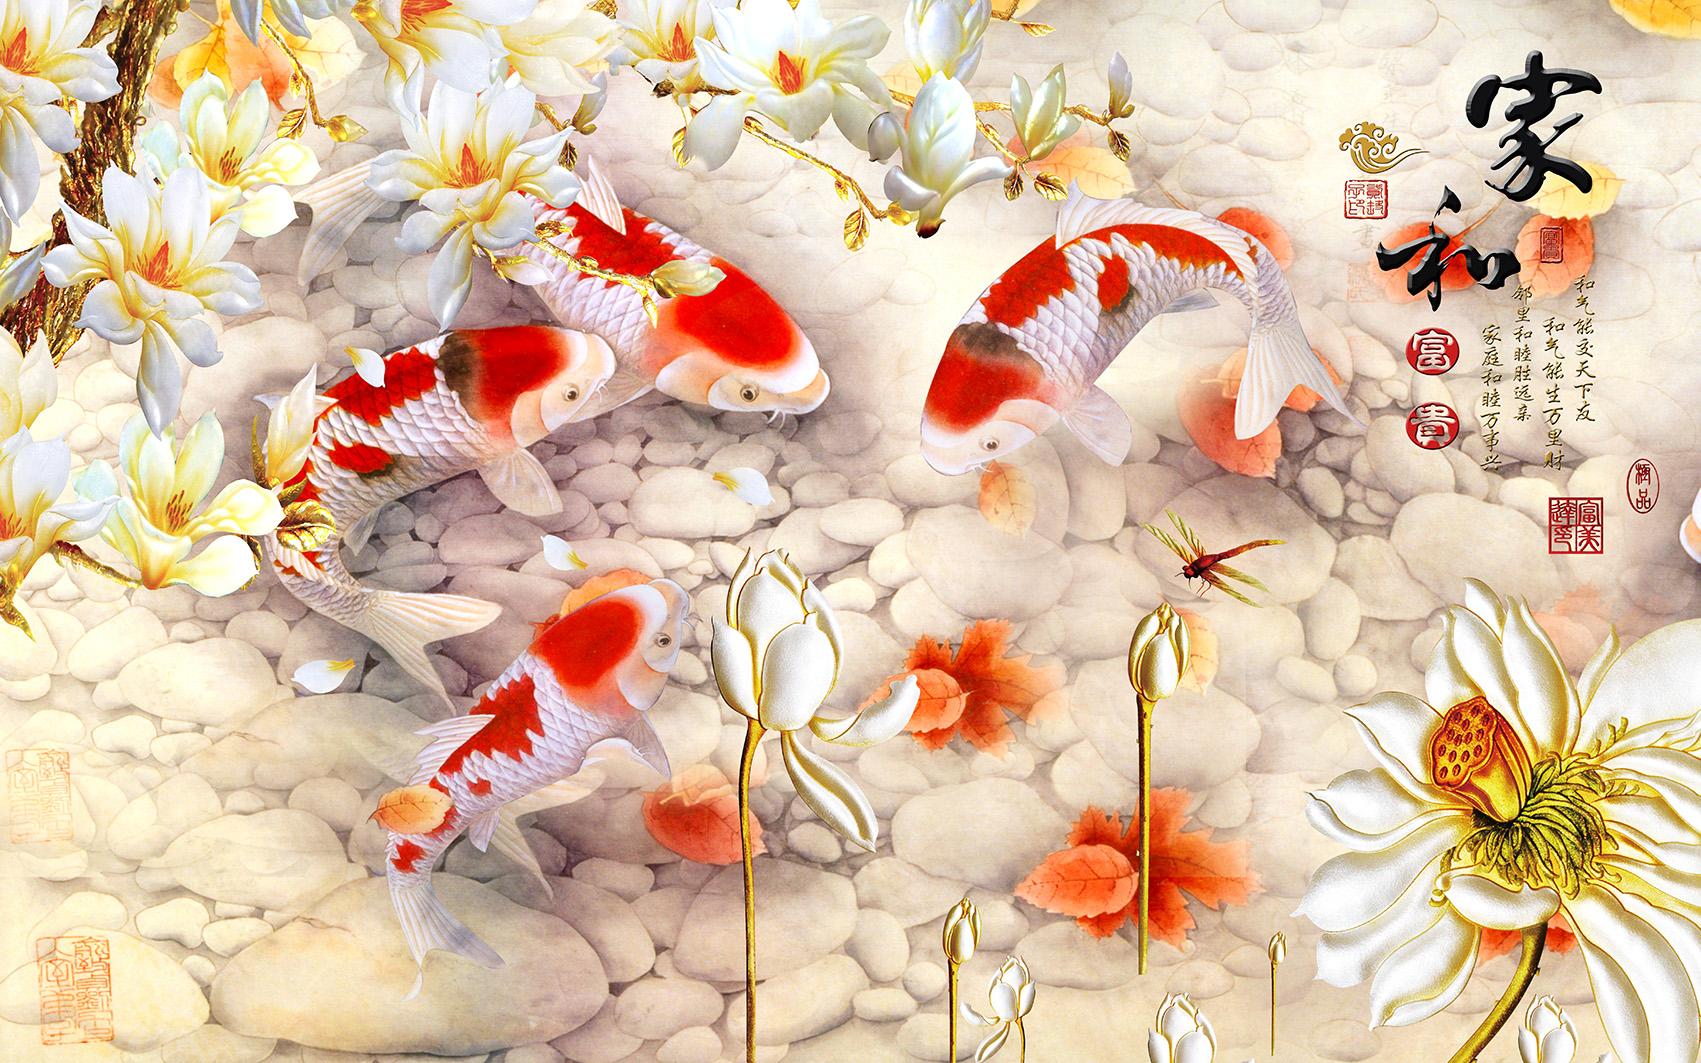 Hình nền cá chép 3D đẹp nhất